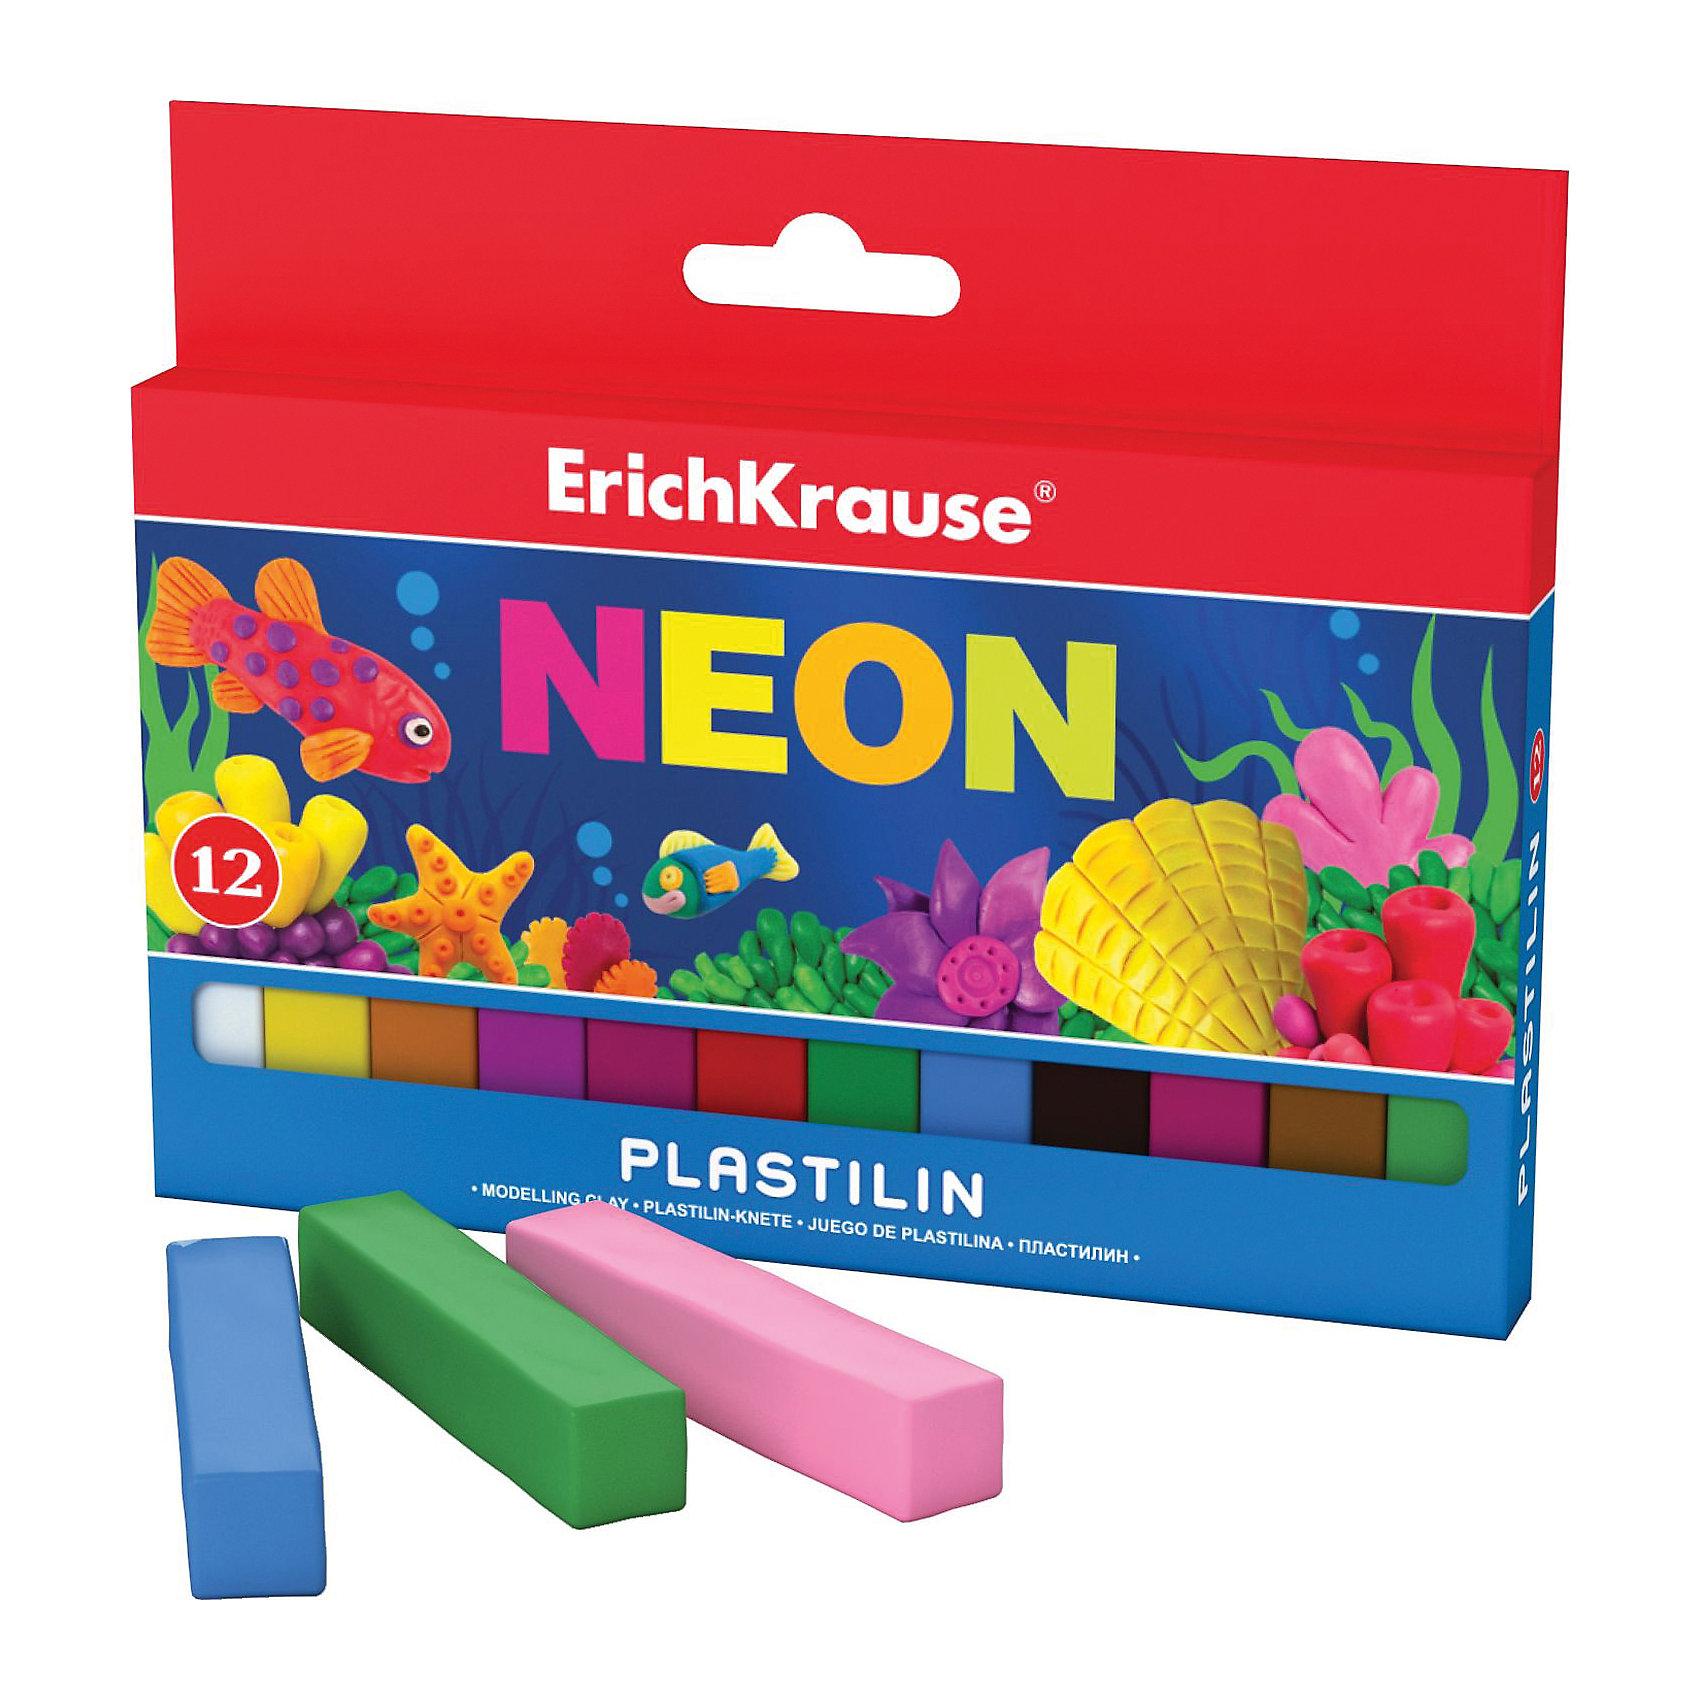 Пластилин Neon (12 цветов, 180г), ArtberryЛепка<br>Пластилин Neon (Неон) (12 цветов, 180г), Artberry (Артберри) невероятно мягкий и пластичный, поэтому из брусочков отлично получаются как плоские (так называемая техника рисования пластилином на поверхности), так и объемные фигурки. Набор пластилина отличается яркой и насыщенной палитрой, при этом цвета легко смешиваются между собой для получения новых оттенков. Позвольте вашему ребенку воплощать свои фантазии в лепке, развивая при этом воображение и мелкую моторику.<br><br>Характеристики:<br>-Сохраняет форму, не застывает на воздухе<br>-Произведен на основе натуральных растительных компонентов<br>-Не липнет к рукам или рабочей поверхности, не оставляет жирных пятен<br>-Лепка пластилином способствует развитию мелкой моторики, целеустремленности, терпения, творческих способностей<br><br>Комплектация: пластилин 12 цветов по 15 г<br><br>Дополнительная информация:<br>-Вес в упаковке: 220 г<br>-Размеры в упаковке: 125х158х10 мм<br>-Материалы: пластилин<br><br>Набор пластилина из 12 цветов является отличным подарком, который доставит настоящую радость детям и откроет новые возможности для развития творческих способностей Вашего ребенка.<br><br>Пластилин Neon (Неон) (12 цветов, 180г), Artberry (Артберри) можно купить в нашем магазине.<br><br>Ширина мм: 125<br>Глубина мм: 158<br>Высота мм: 10<br>Вес г: 222<br>Возраст от месяцев: 36<br>Возраст до месяцев: 144<br>Пол: Унисекс<br>Возраст: Детский<br>SKU: 4058295